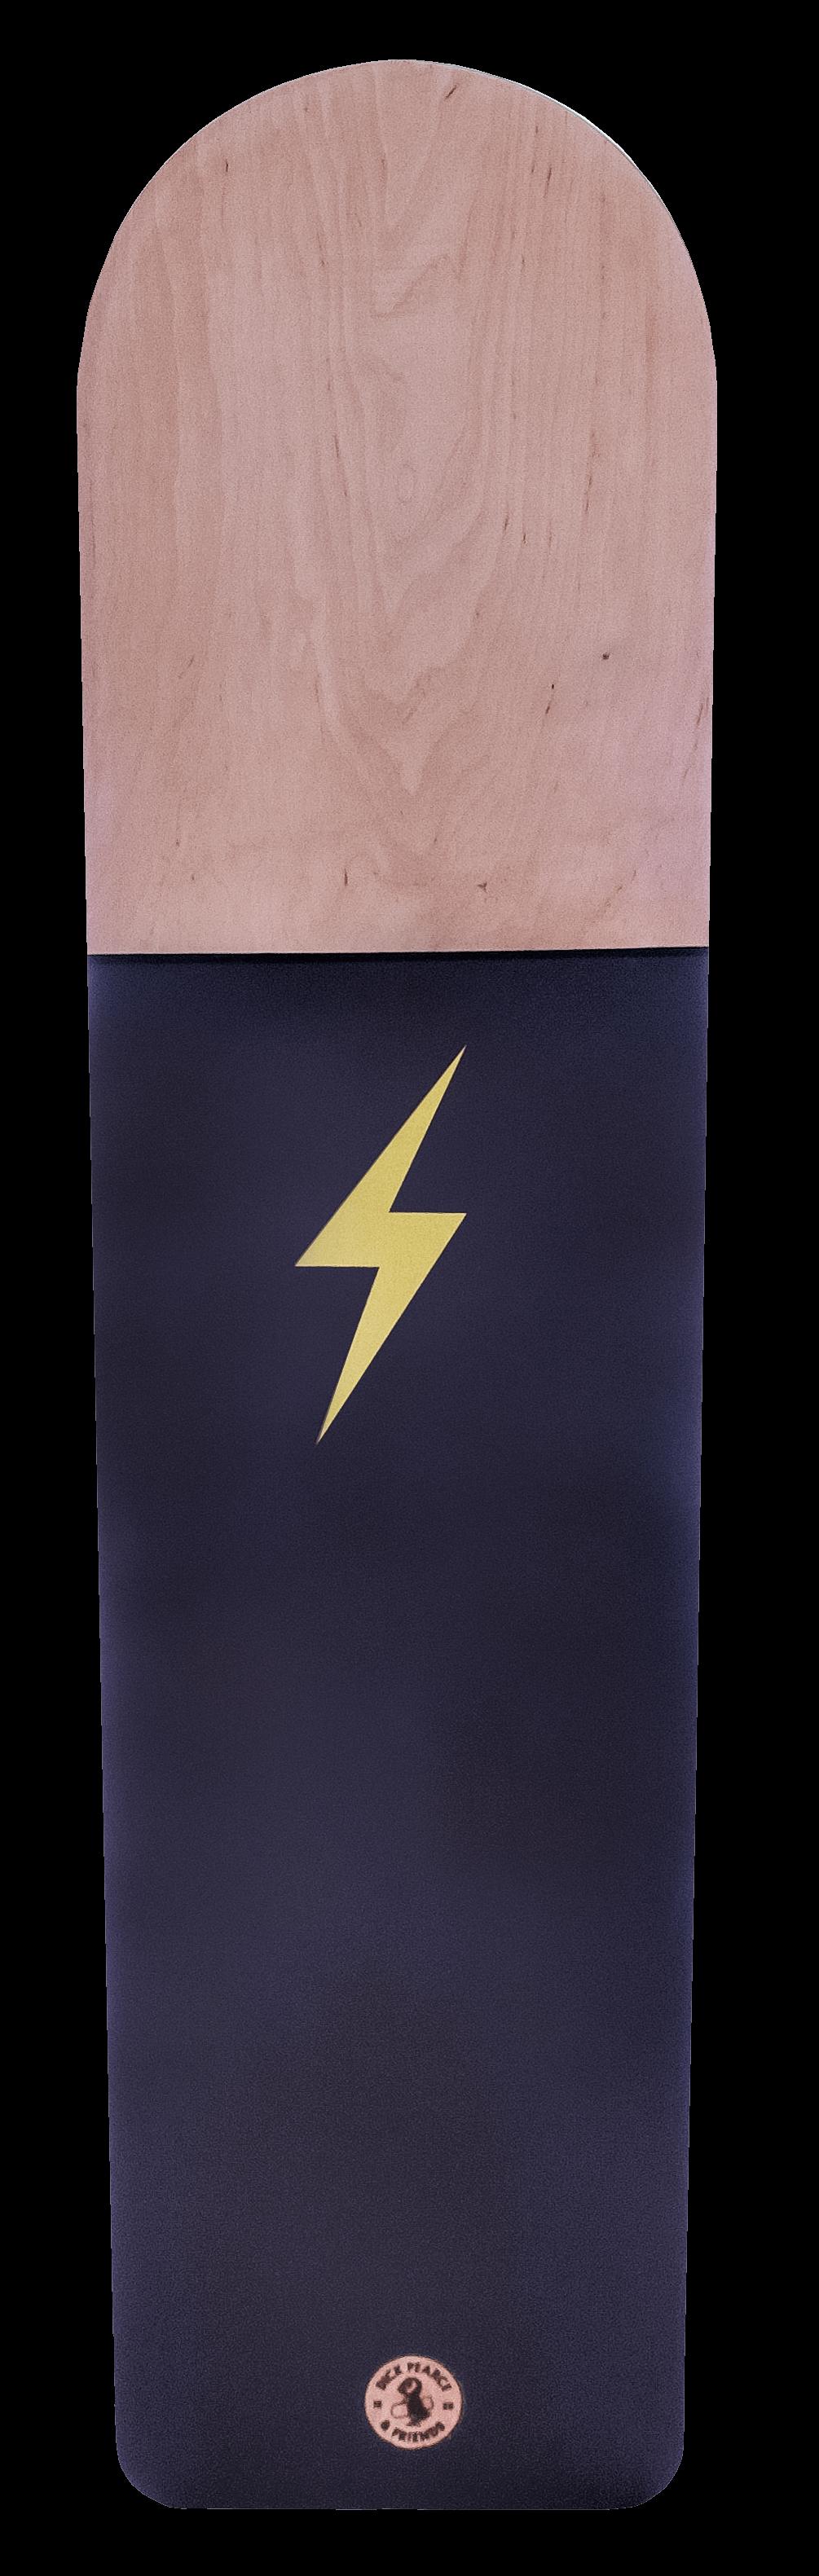 lightning-bolt.png